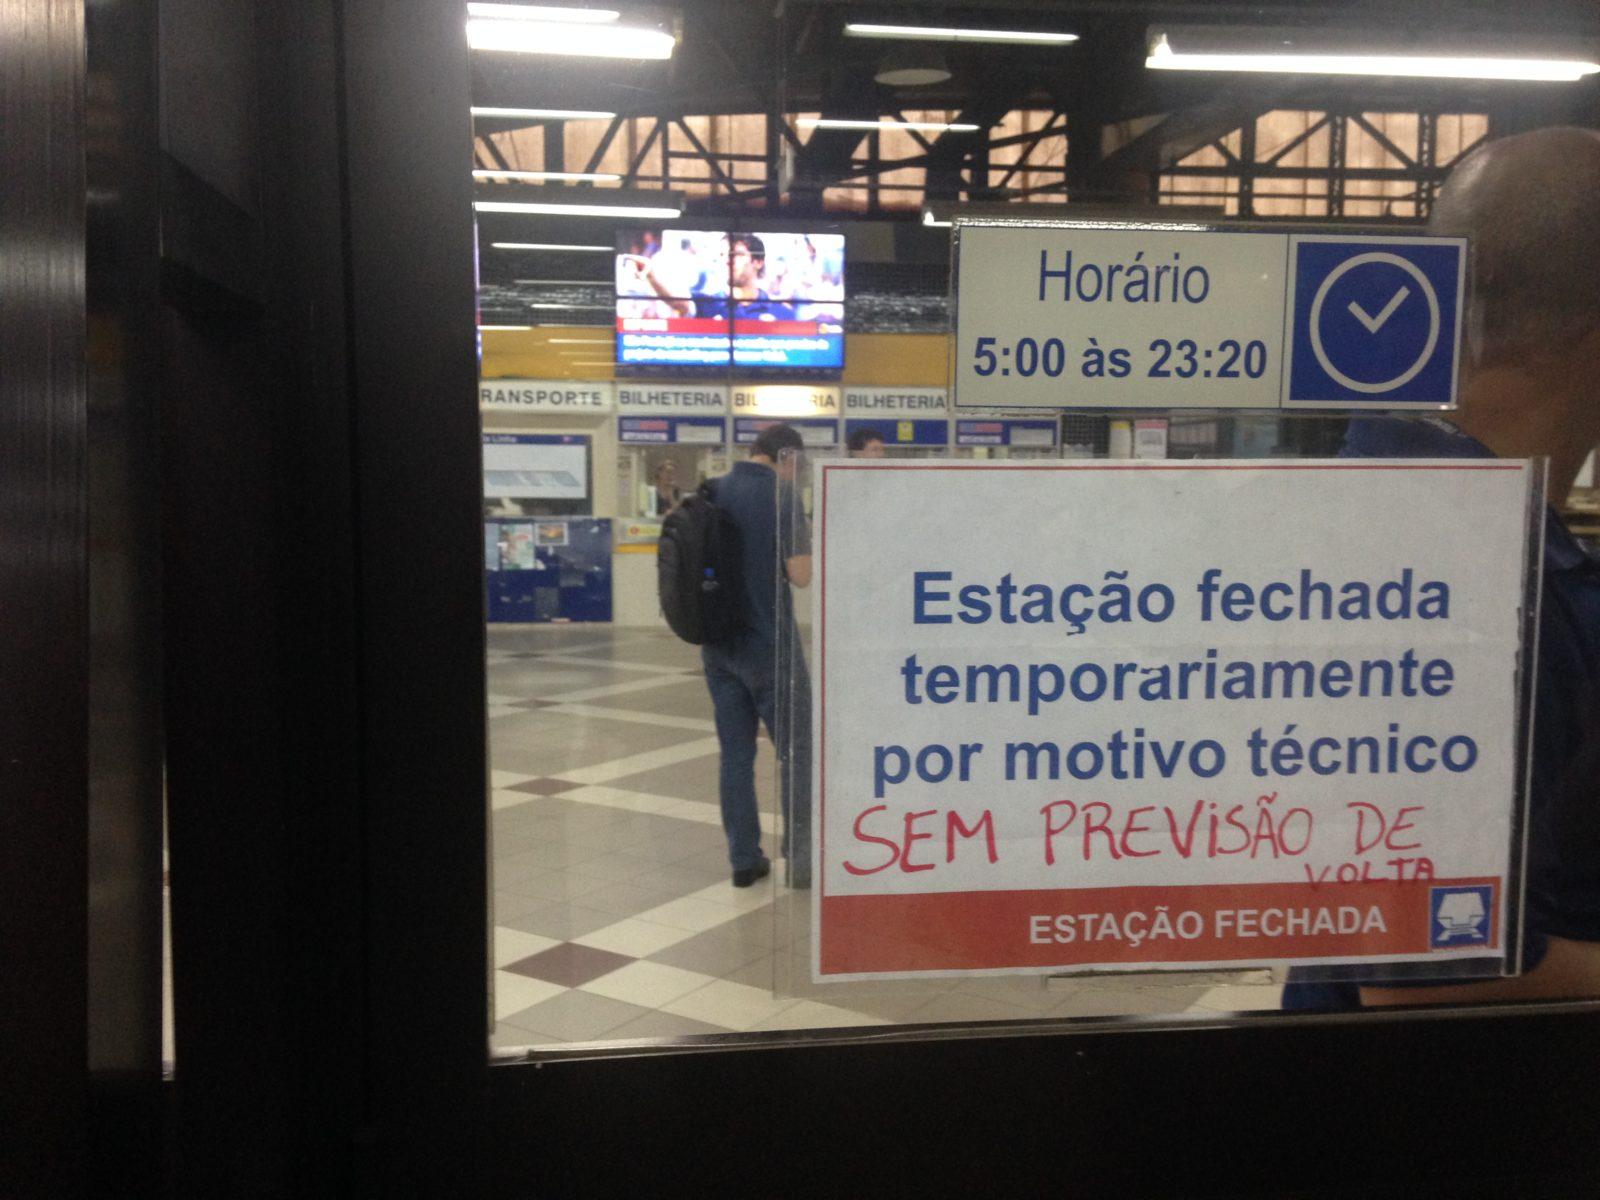 Foto: Leonardo Severo / Agora no RS